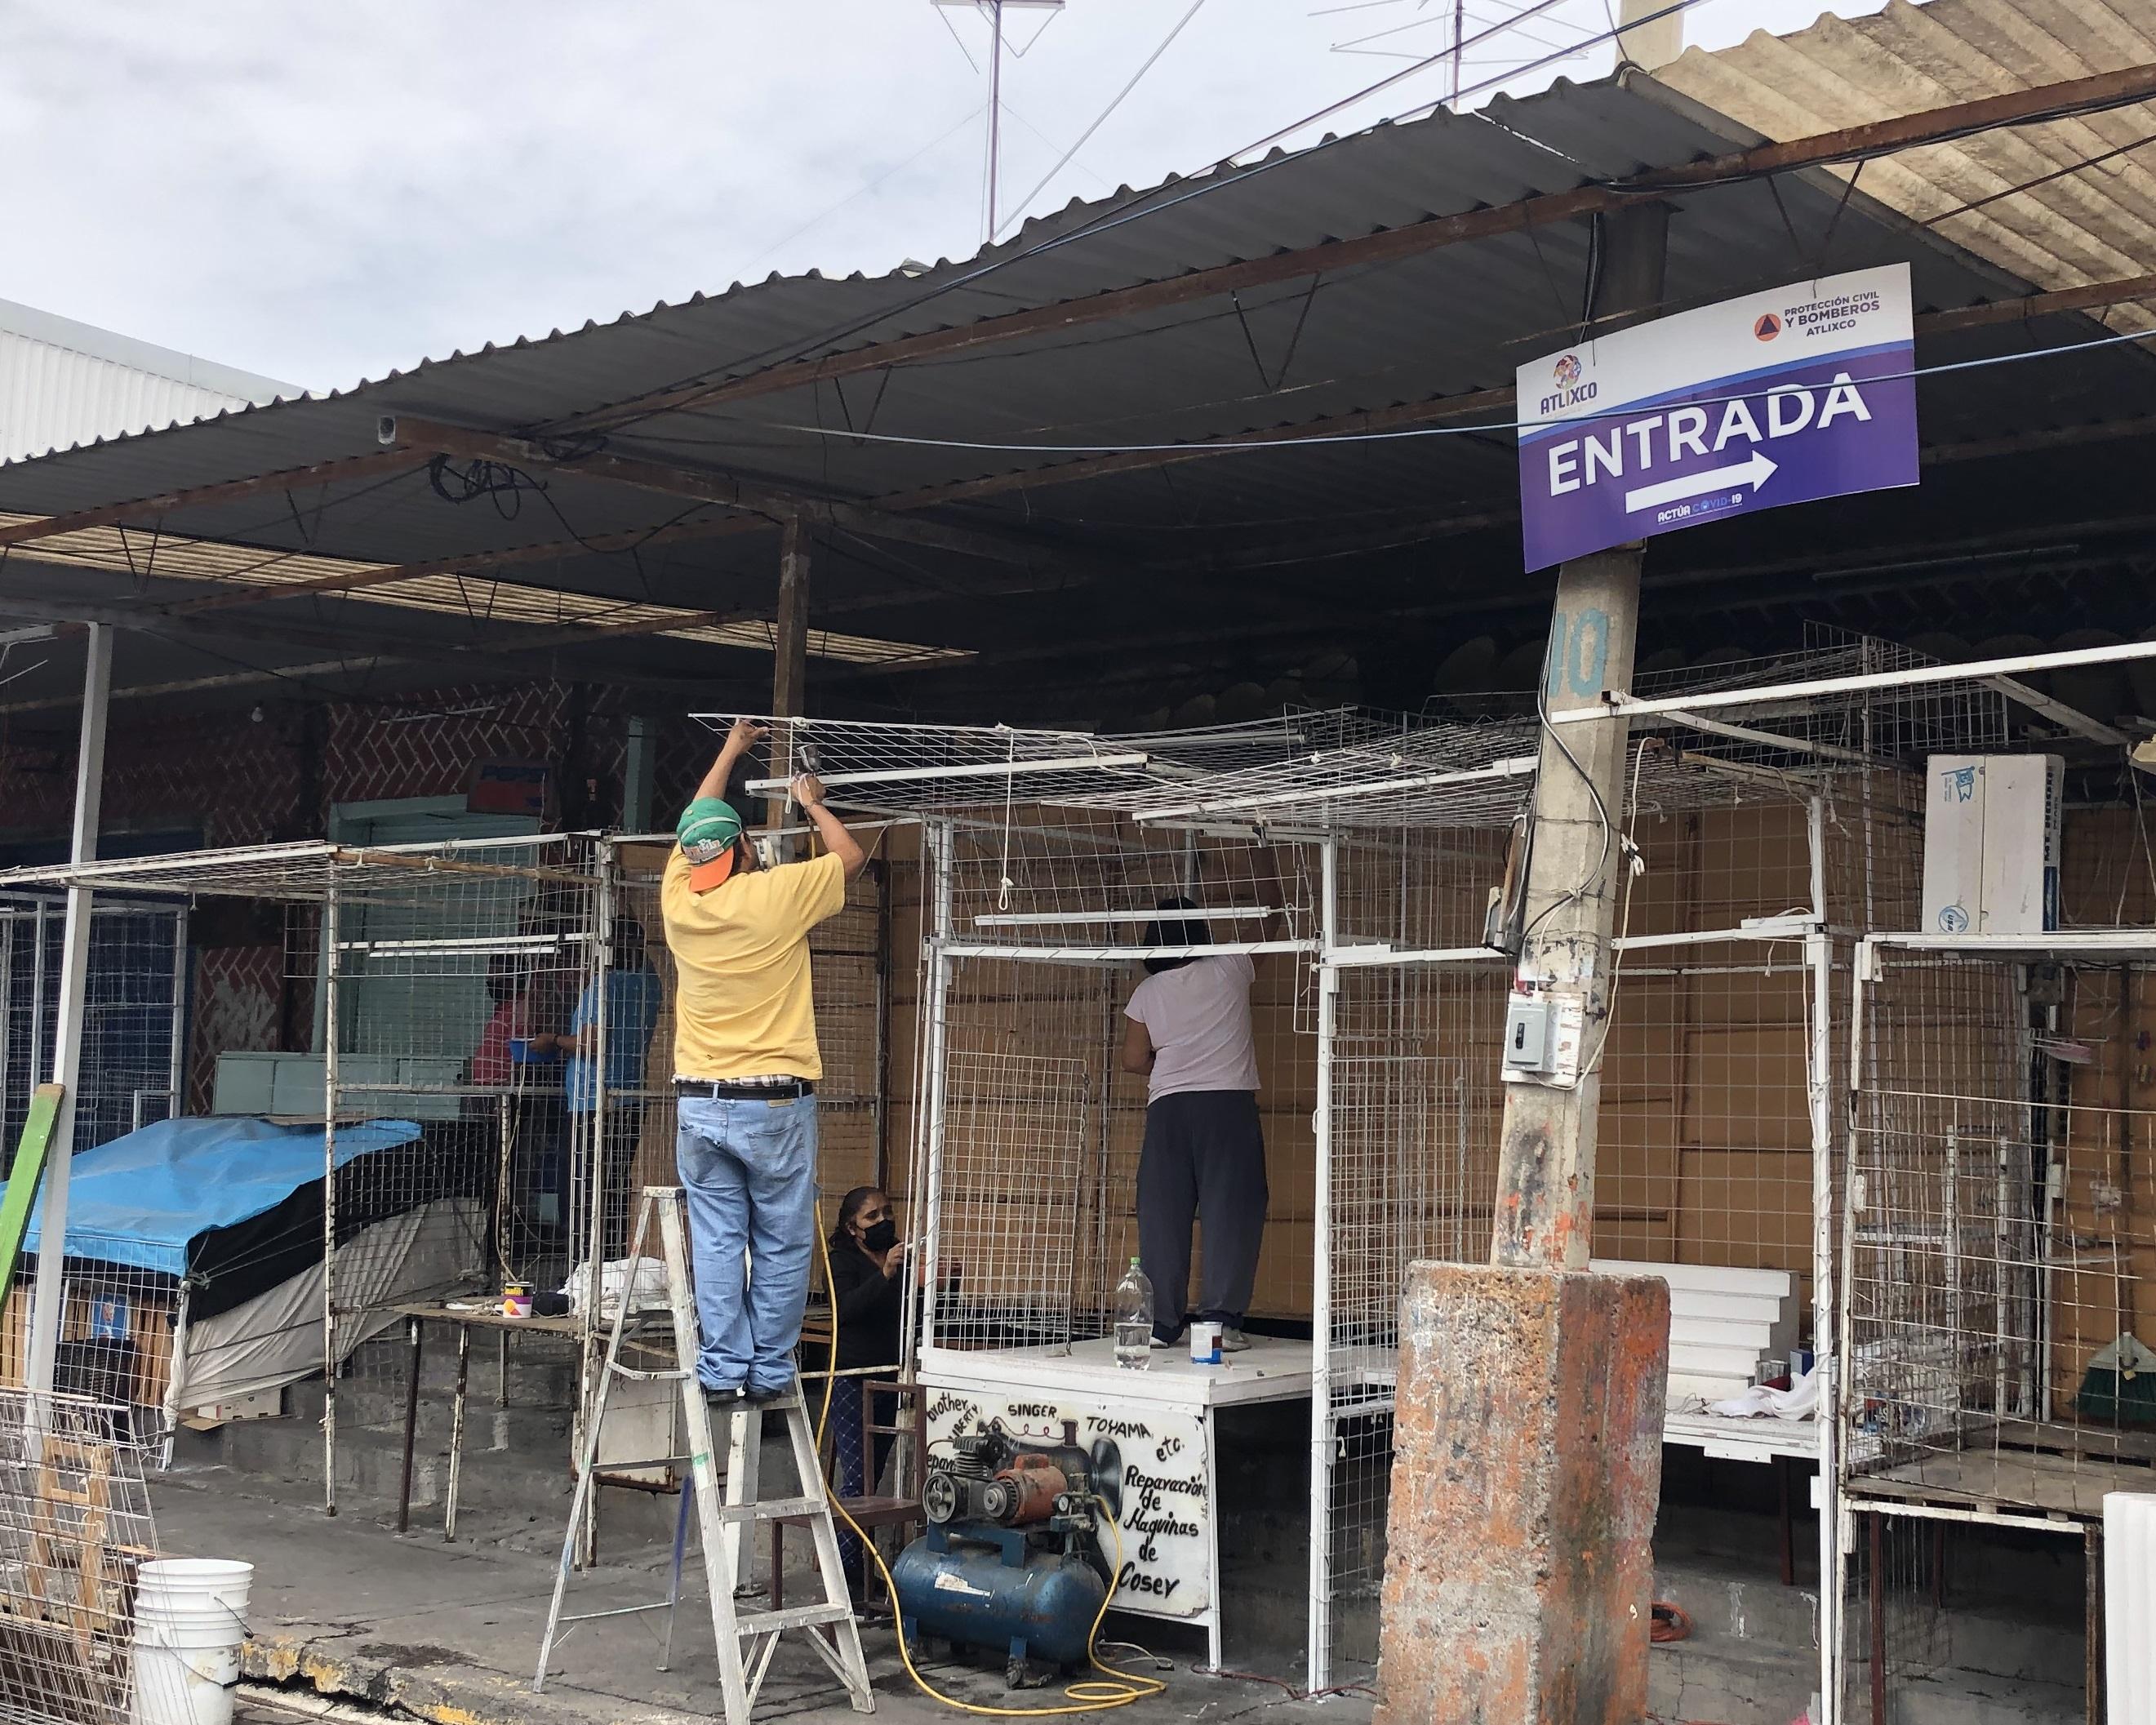 Locatarios de Atlixco enchulan sus puestos en mercado turístico